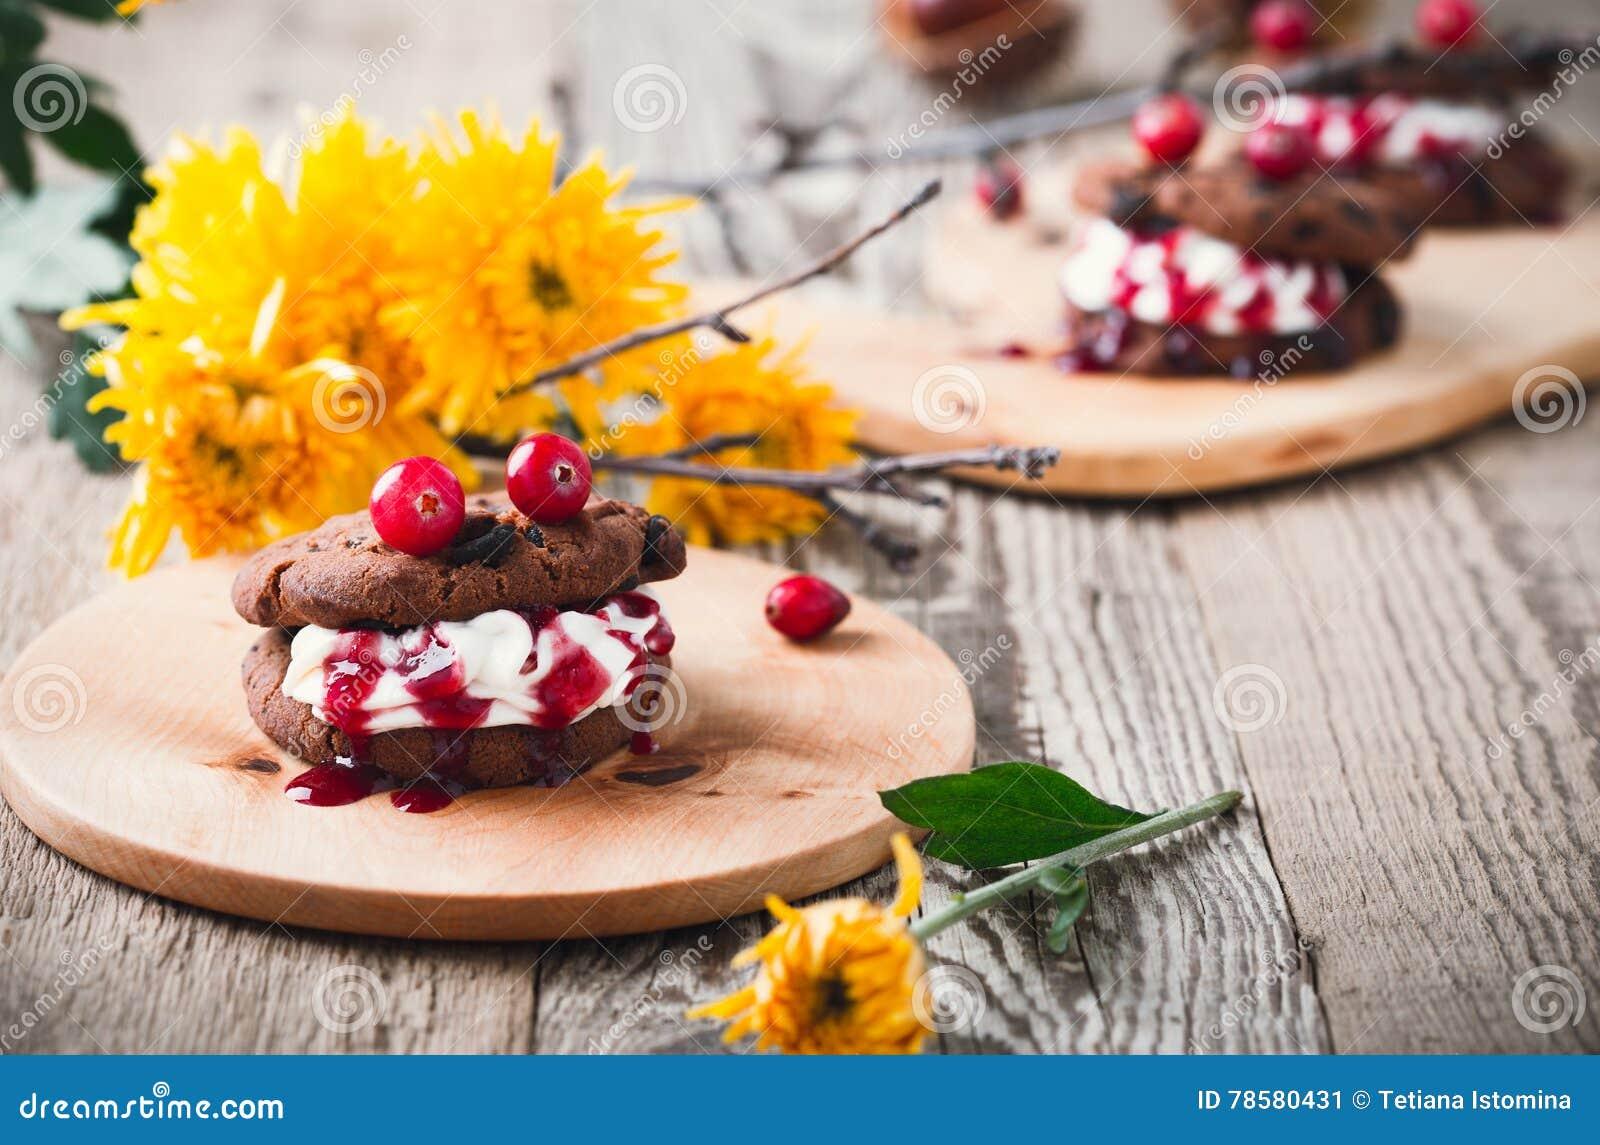 vampire chocolate chip cookie sandwiches, halloween dessert stock